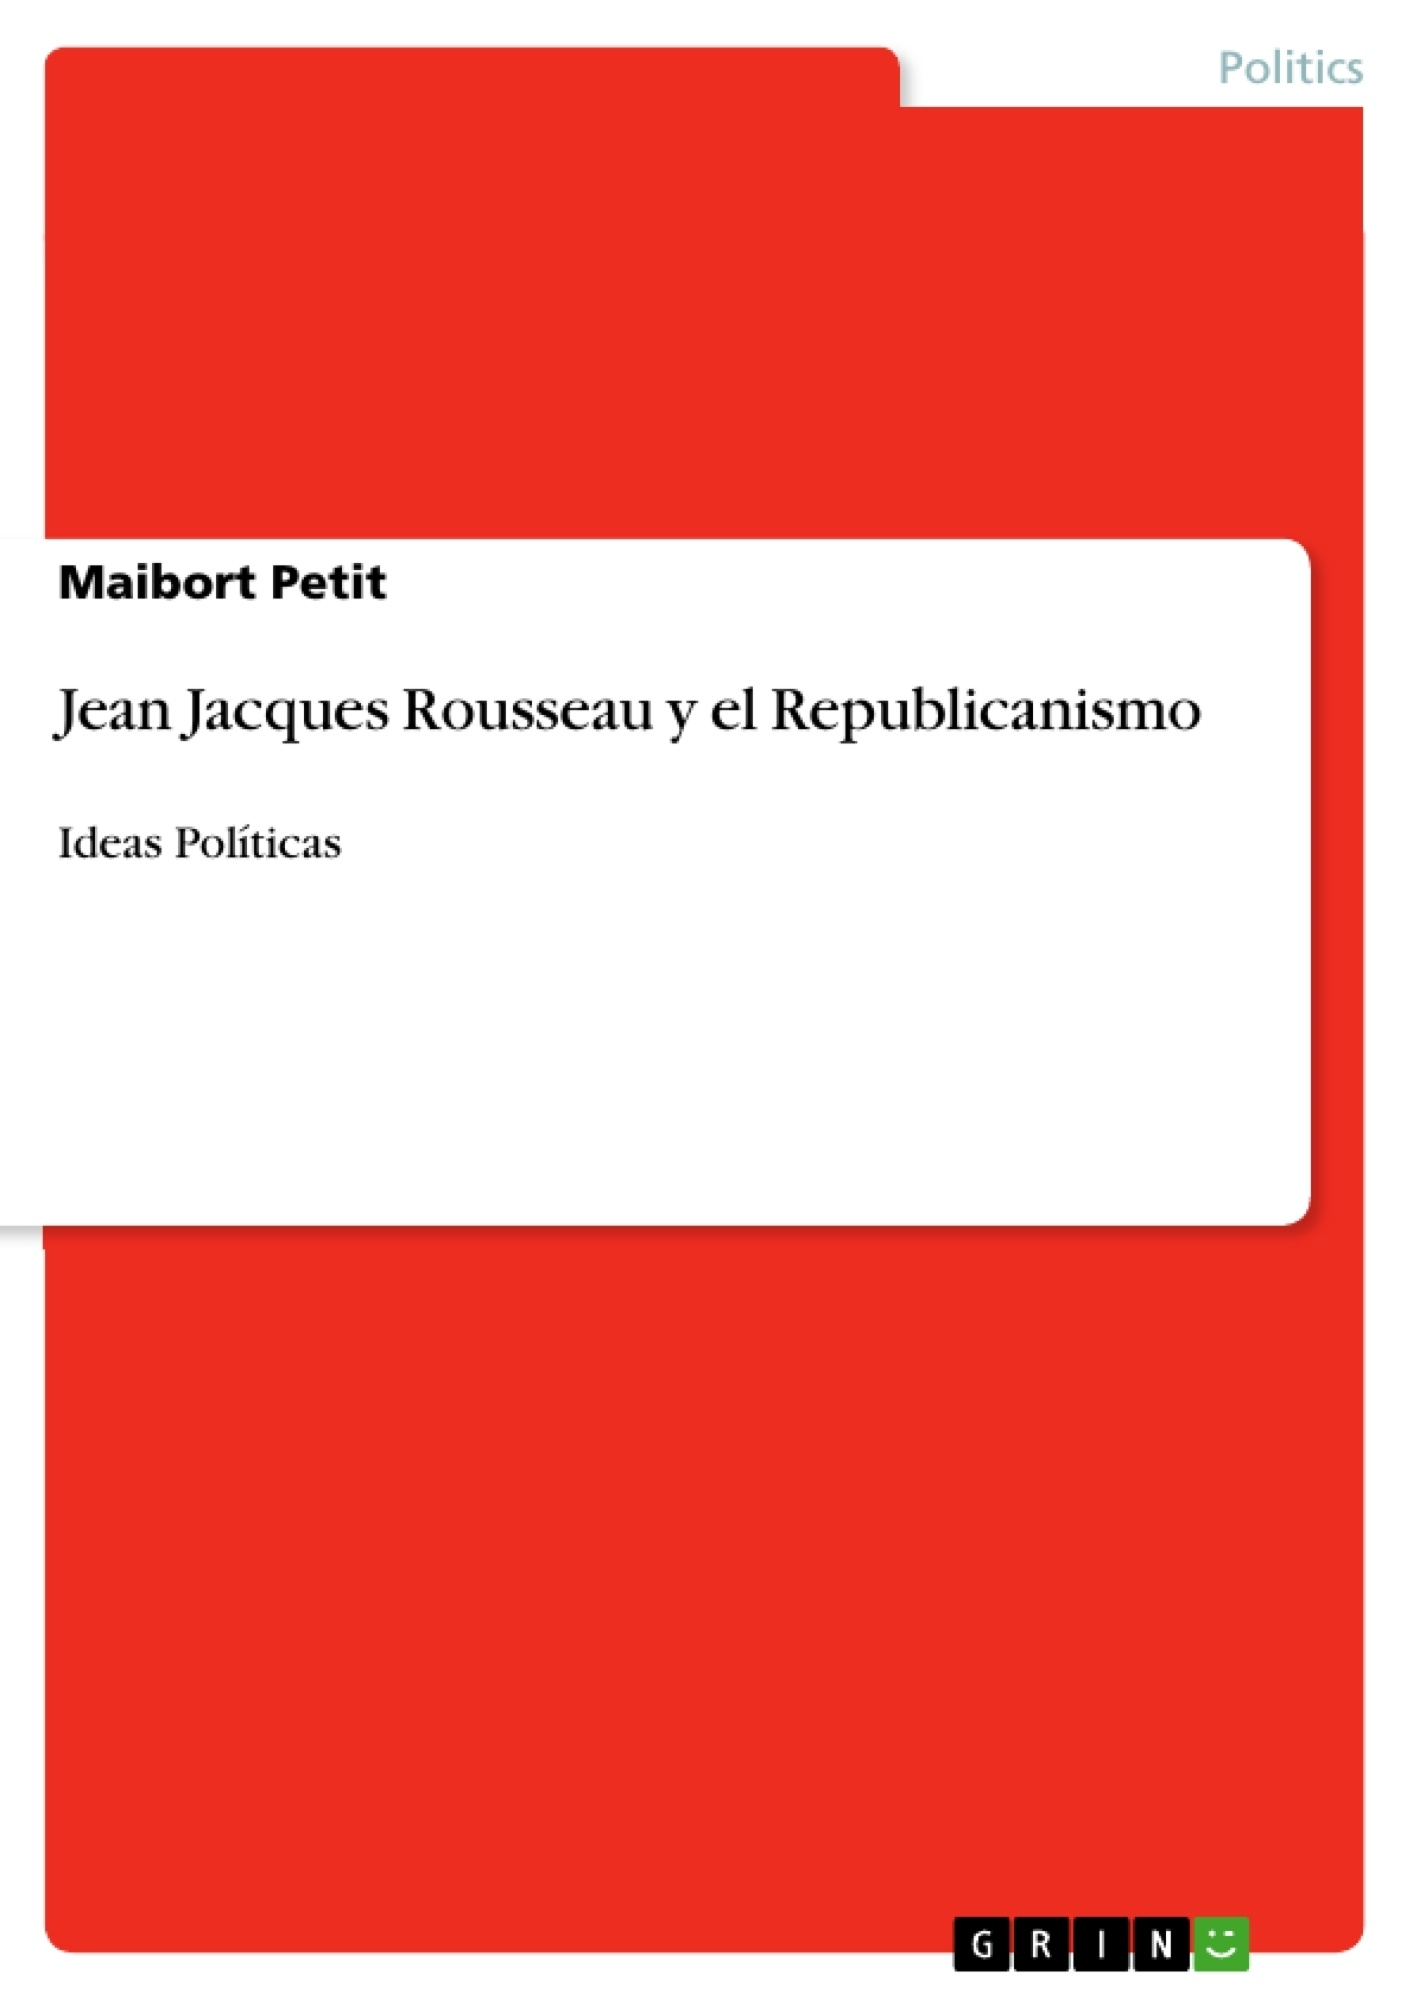 Título: Jean Jacques Rousseau y el Republicanismo